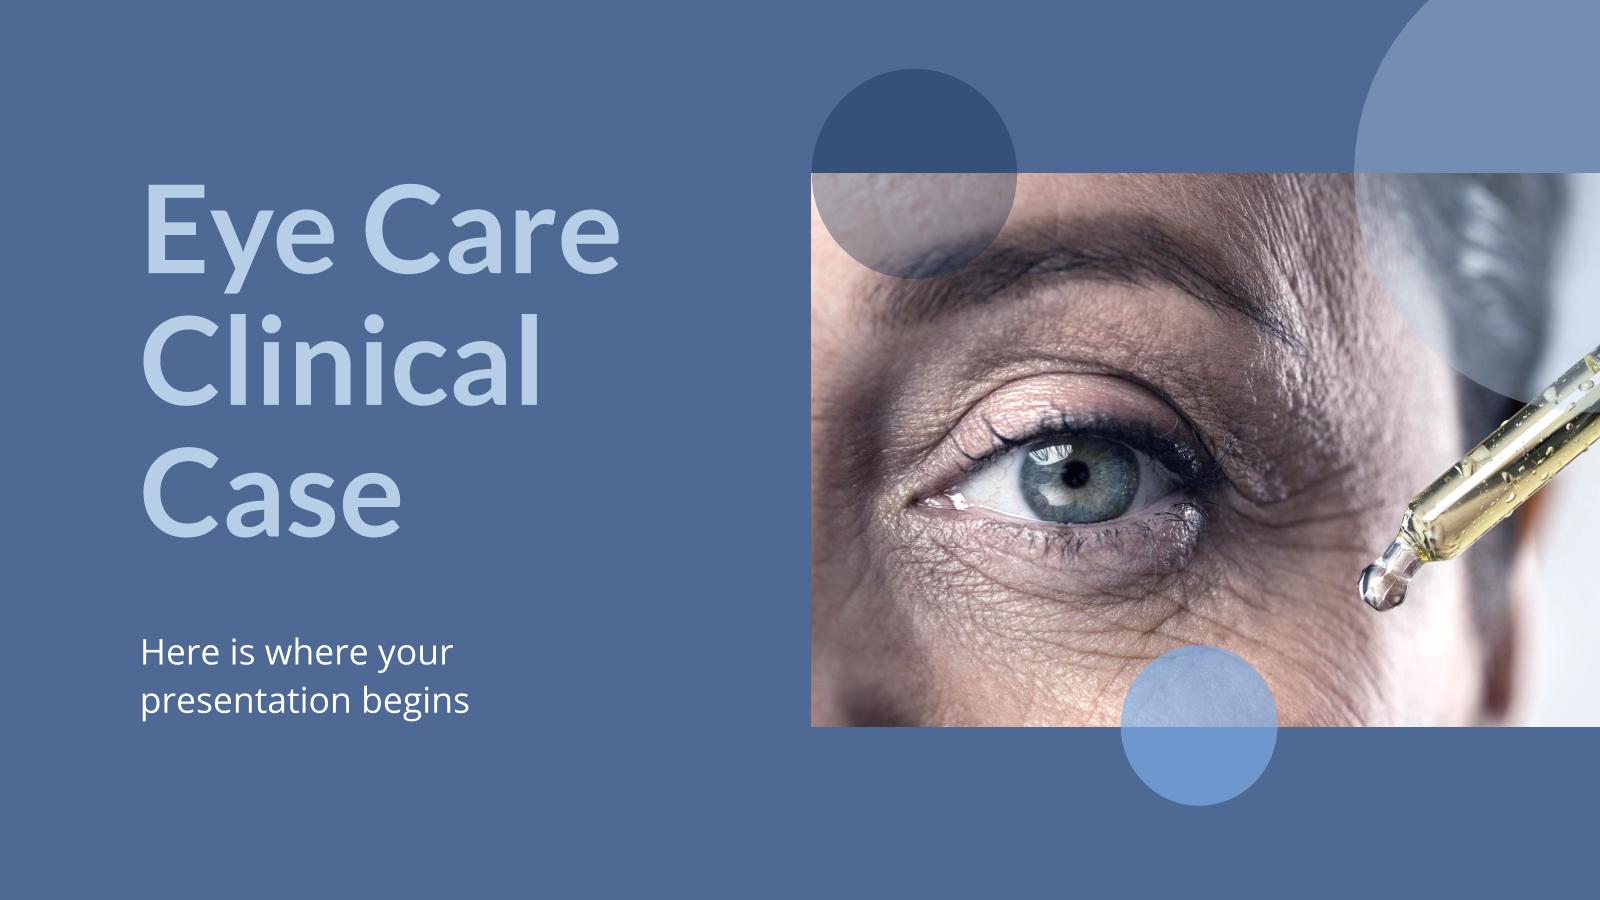 Cas clinique de soins oculaires : Modèles de présentation